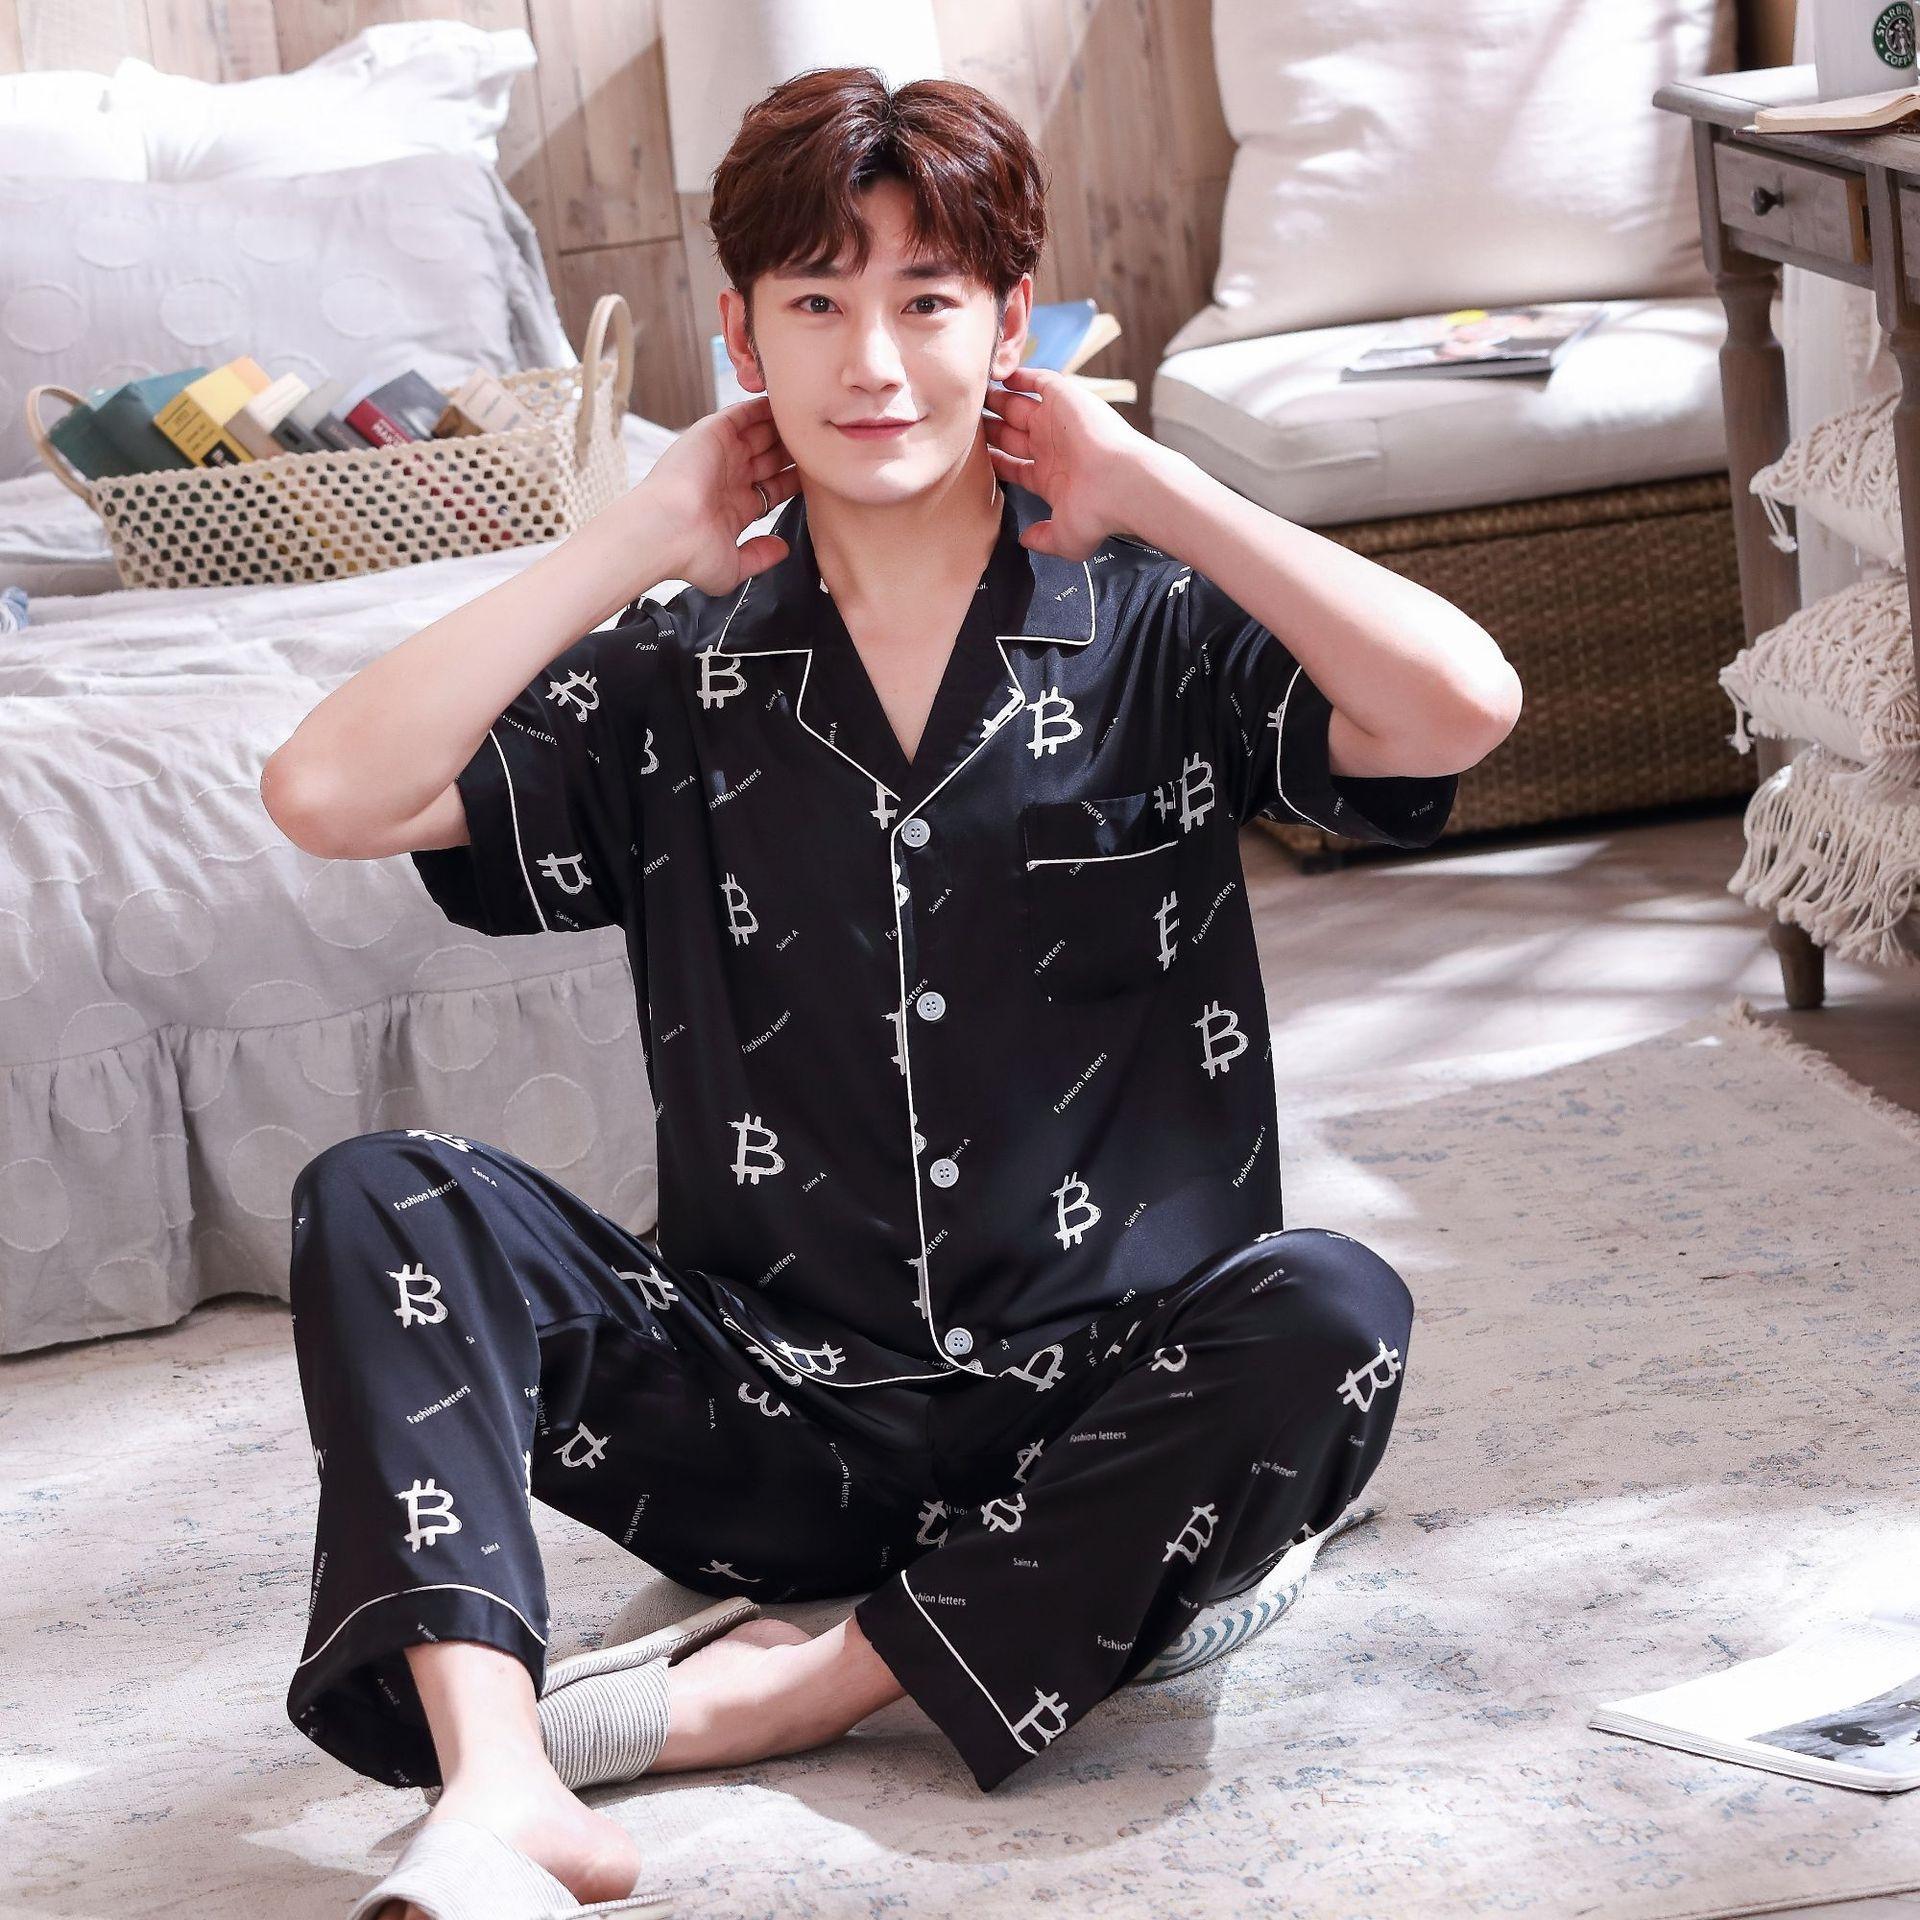 FVmyX 1Yha8 Couple pyjama simulation été Pantalon à manches courtes femmes des vêtements amples hommes Simulé taille Silk Home Ice costume de soie Accueil de s